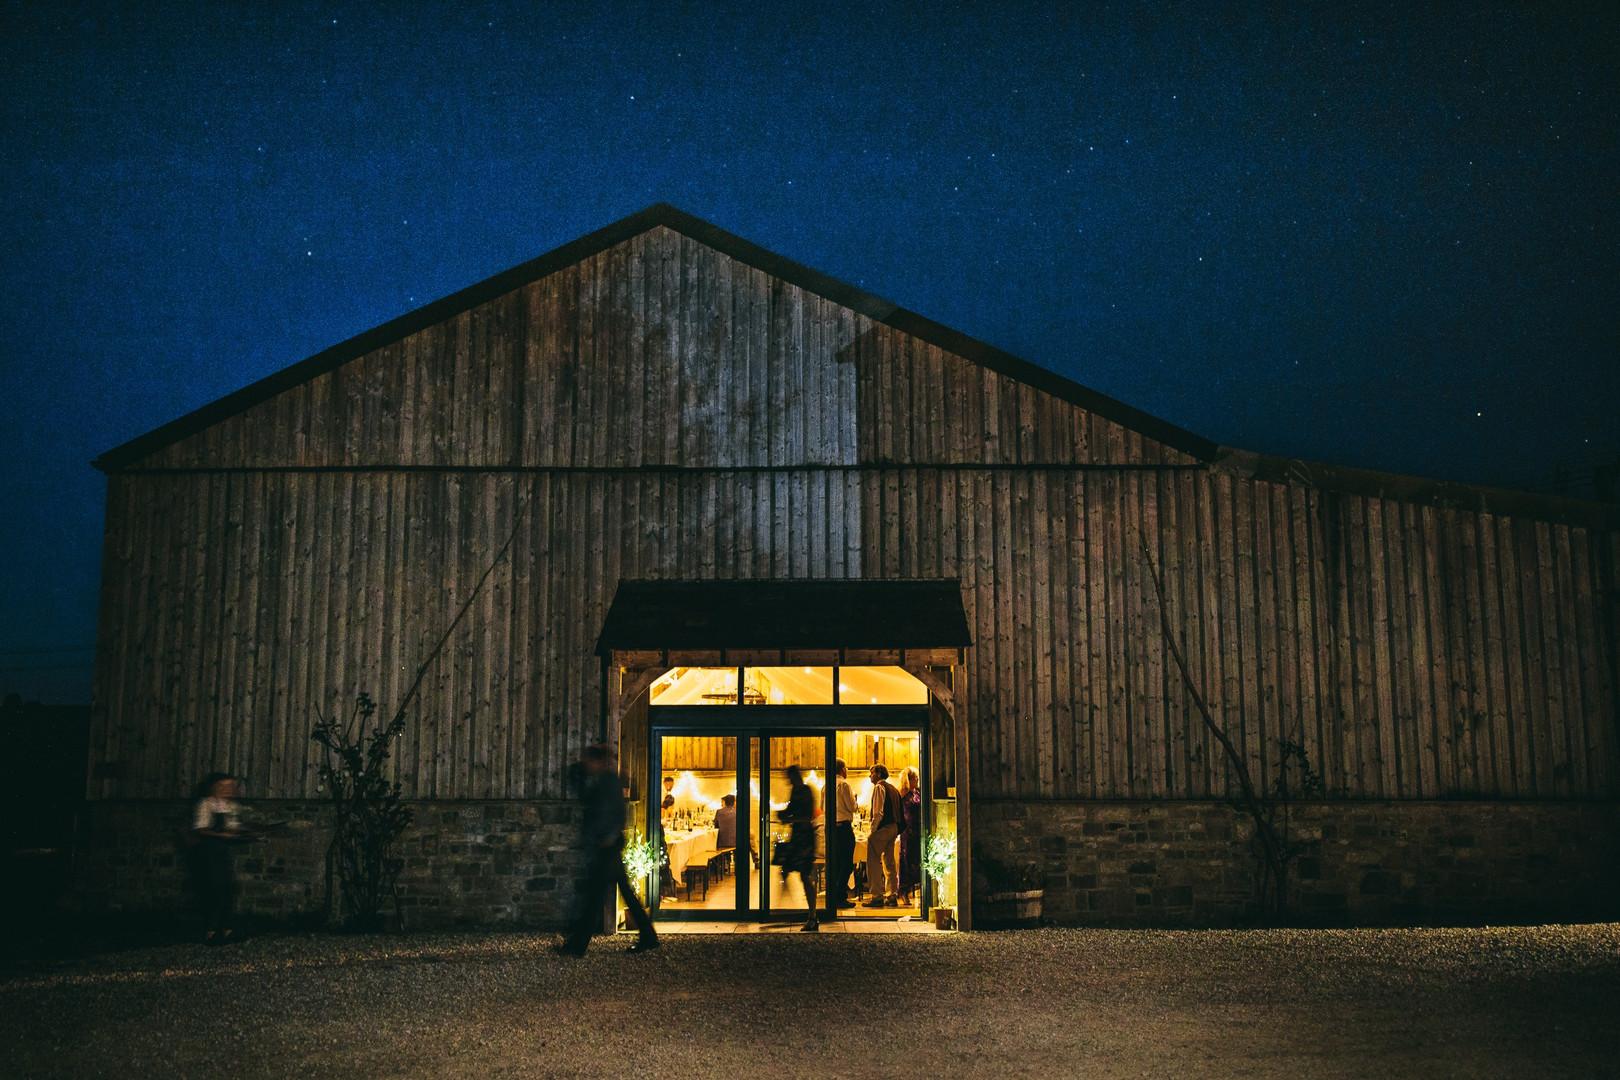 Wedding Barn by night